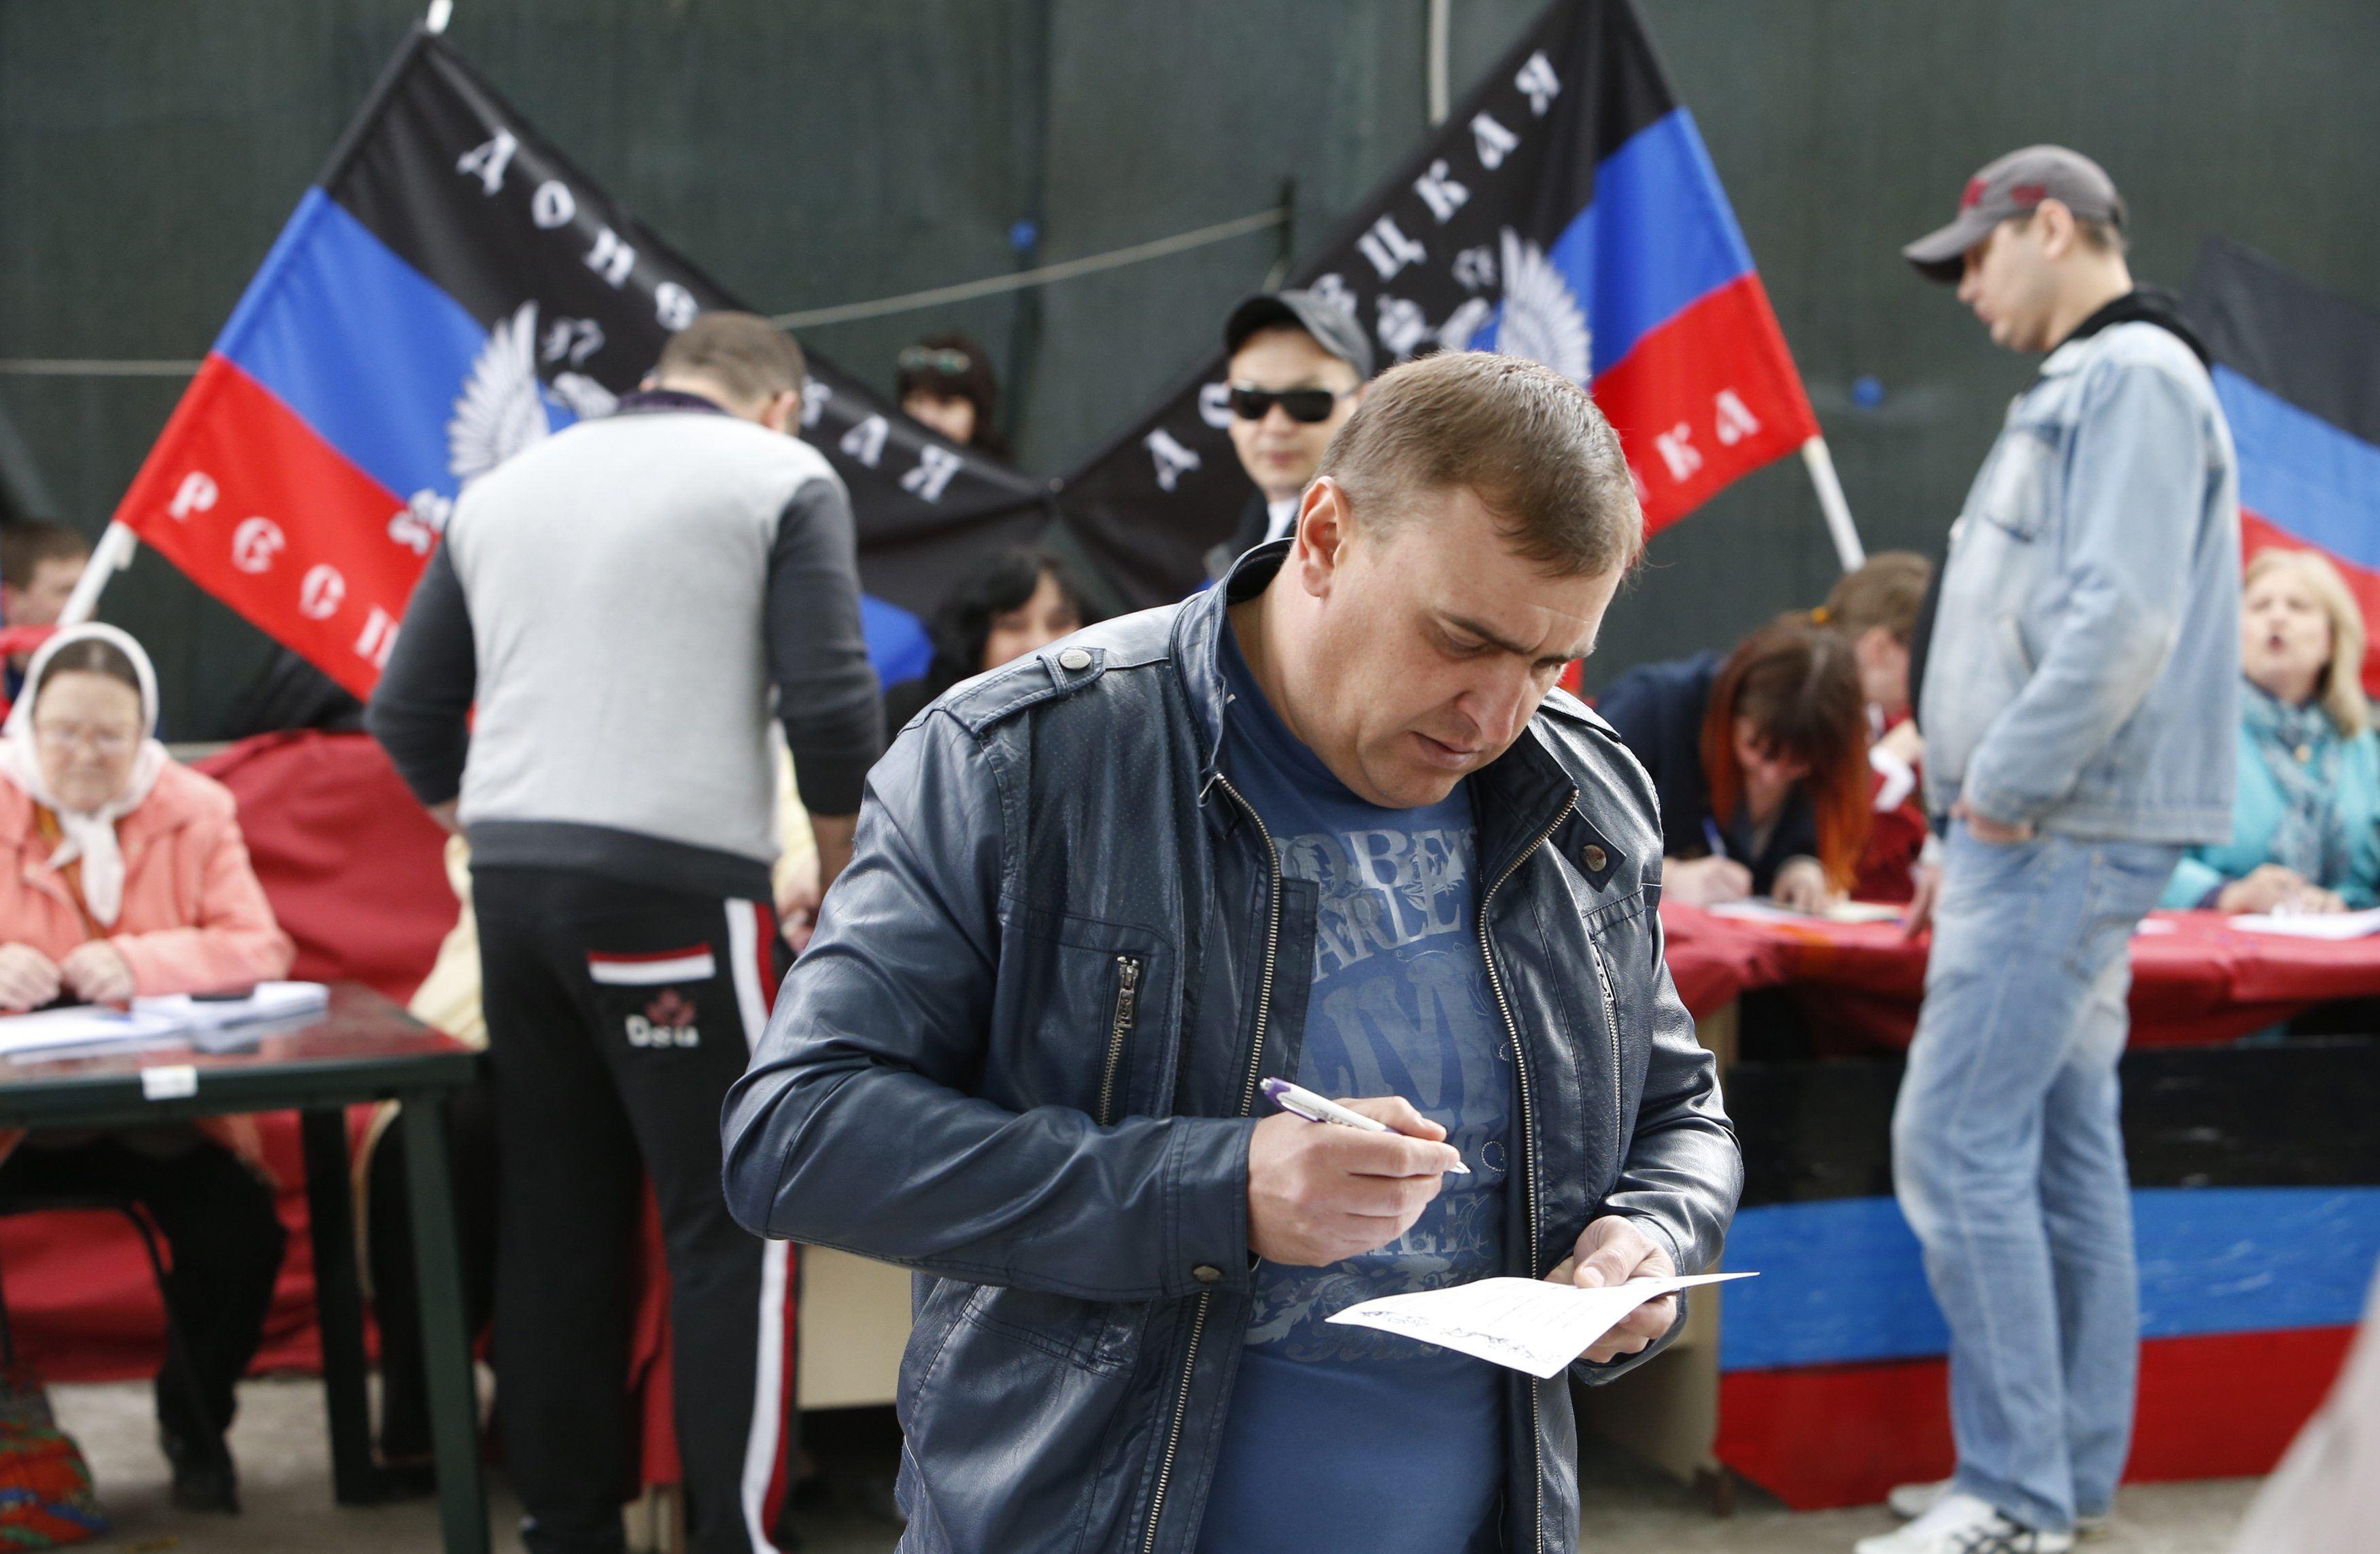 12 мая 2014 года боевики  провели псевдореферендум о